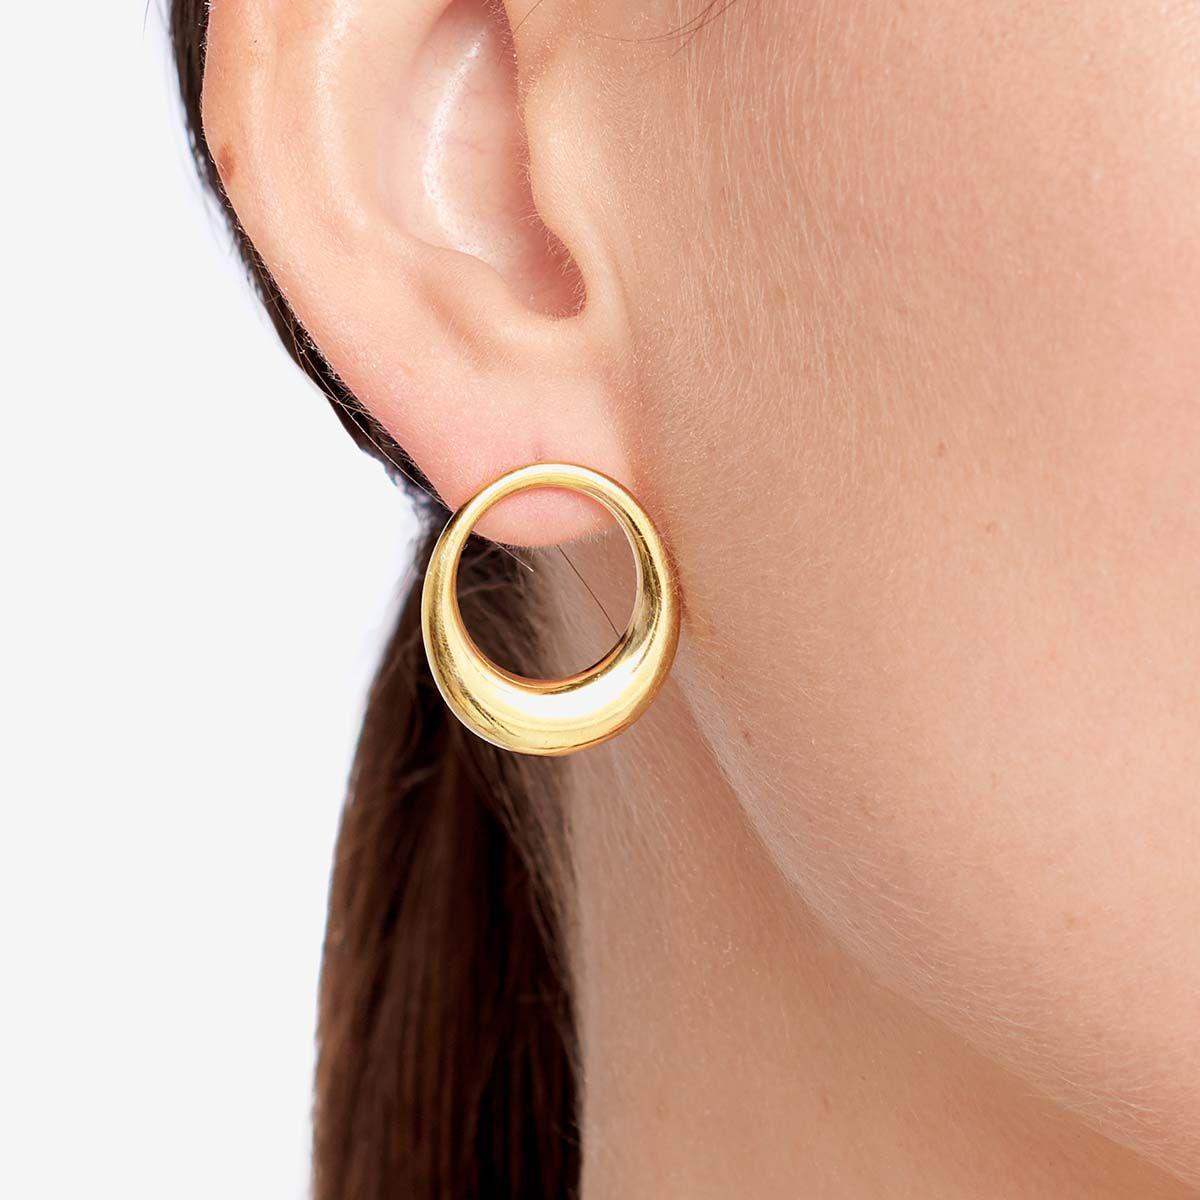 Lune - Ohrhänger - 18k vergoldet